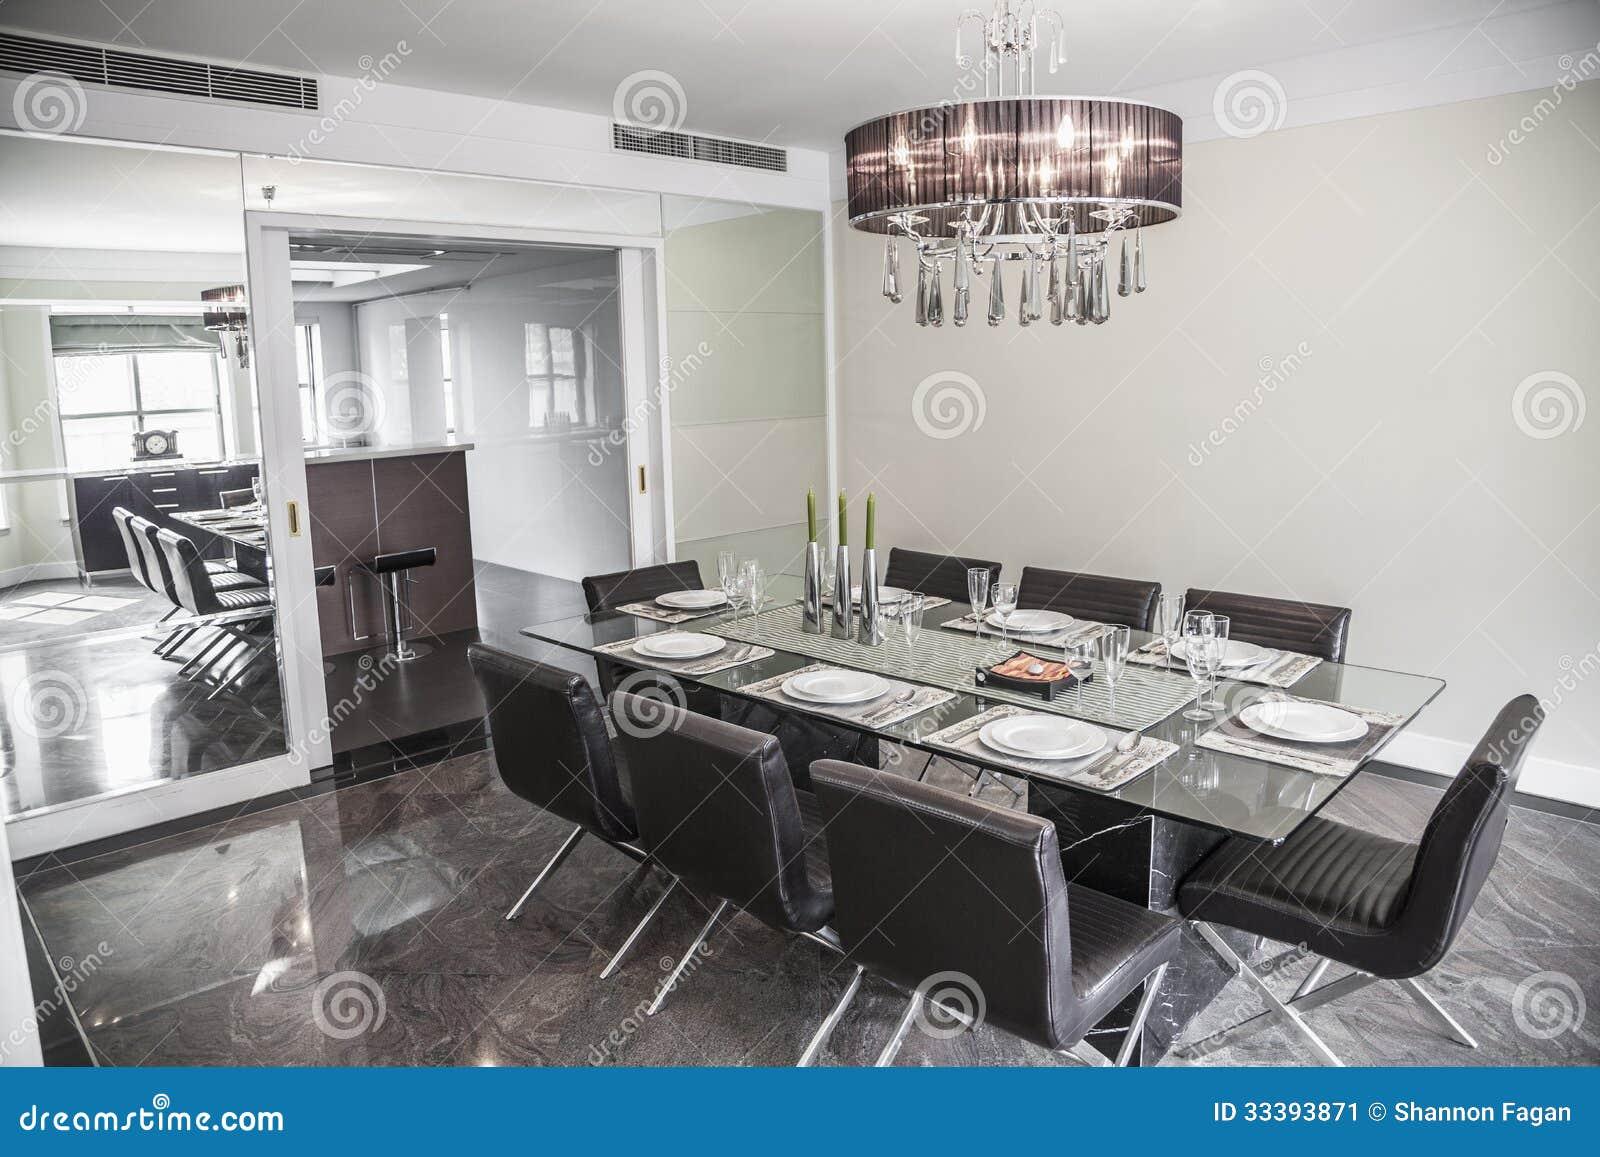 Eetkamer met moderne meubilair en kroonluchter. stock afbeelding